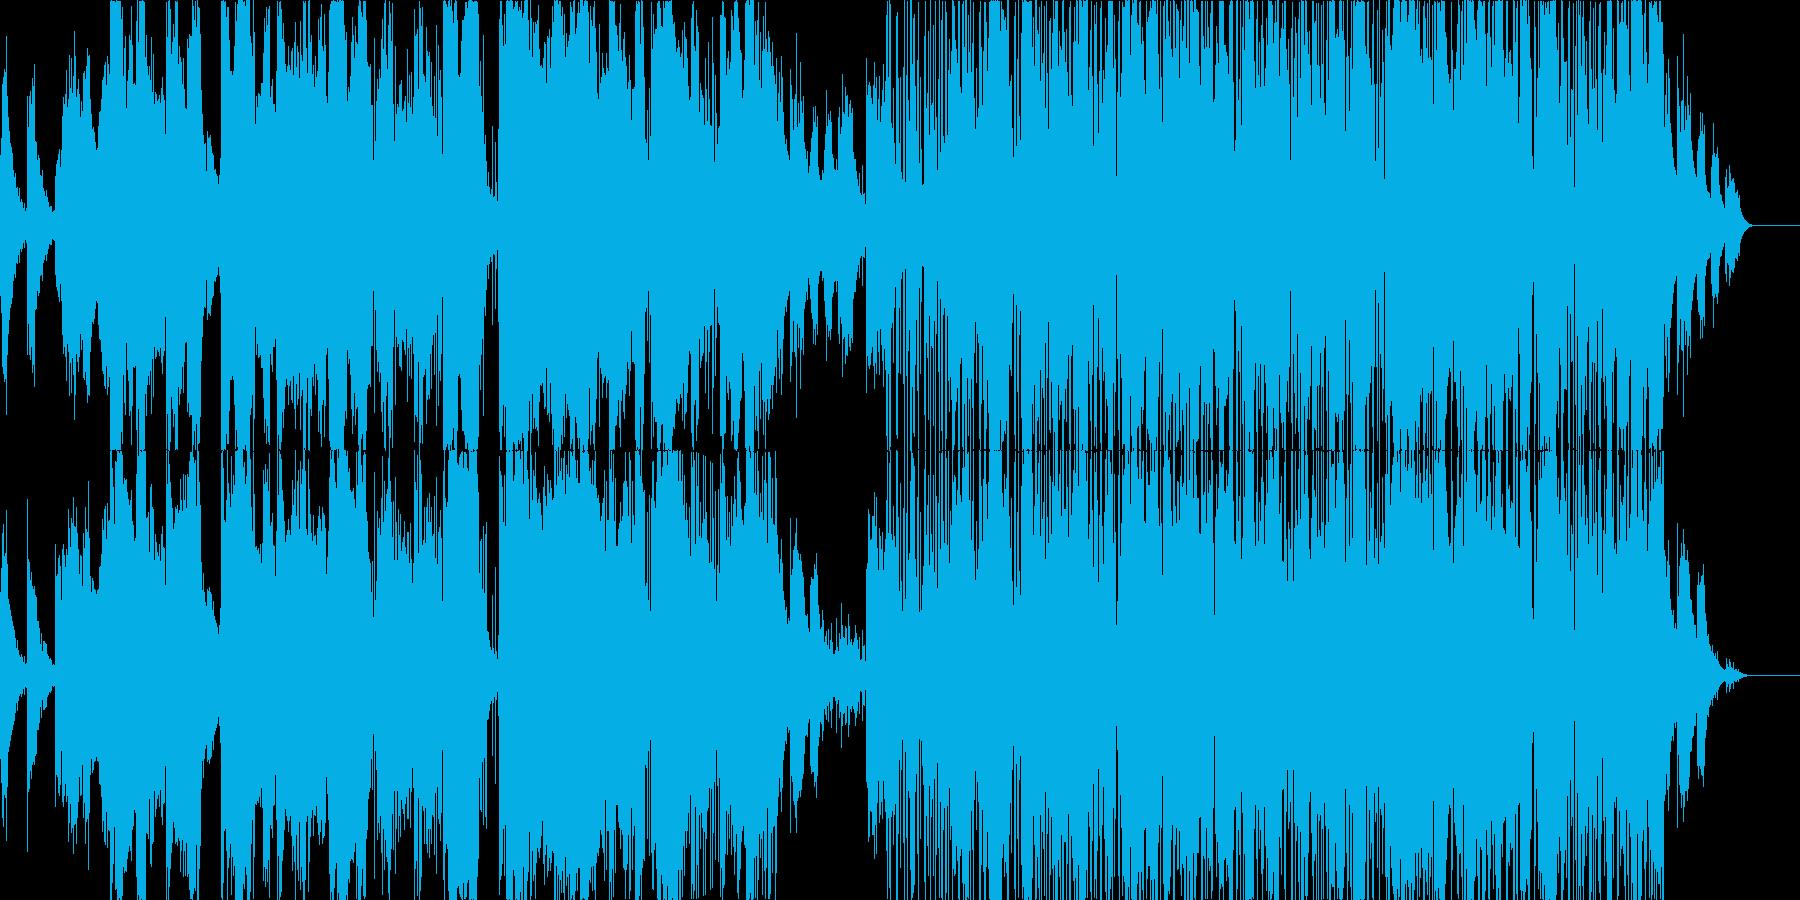 焦燥感のある電子世界的音楽の再生済みの波形